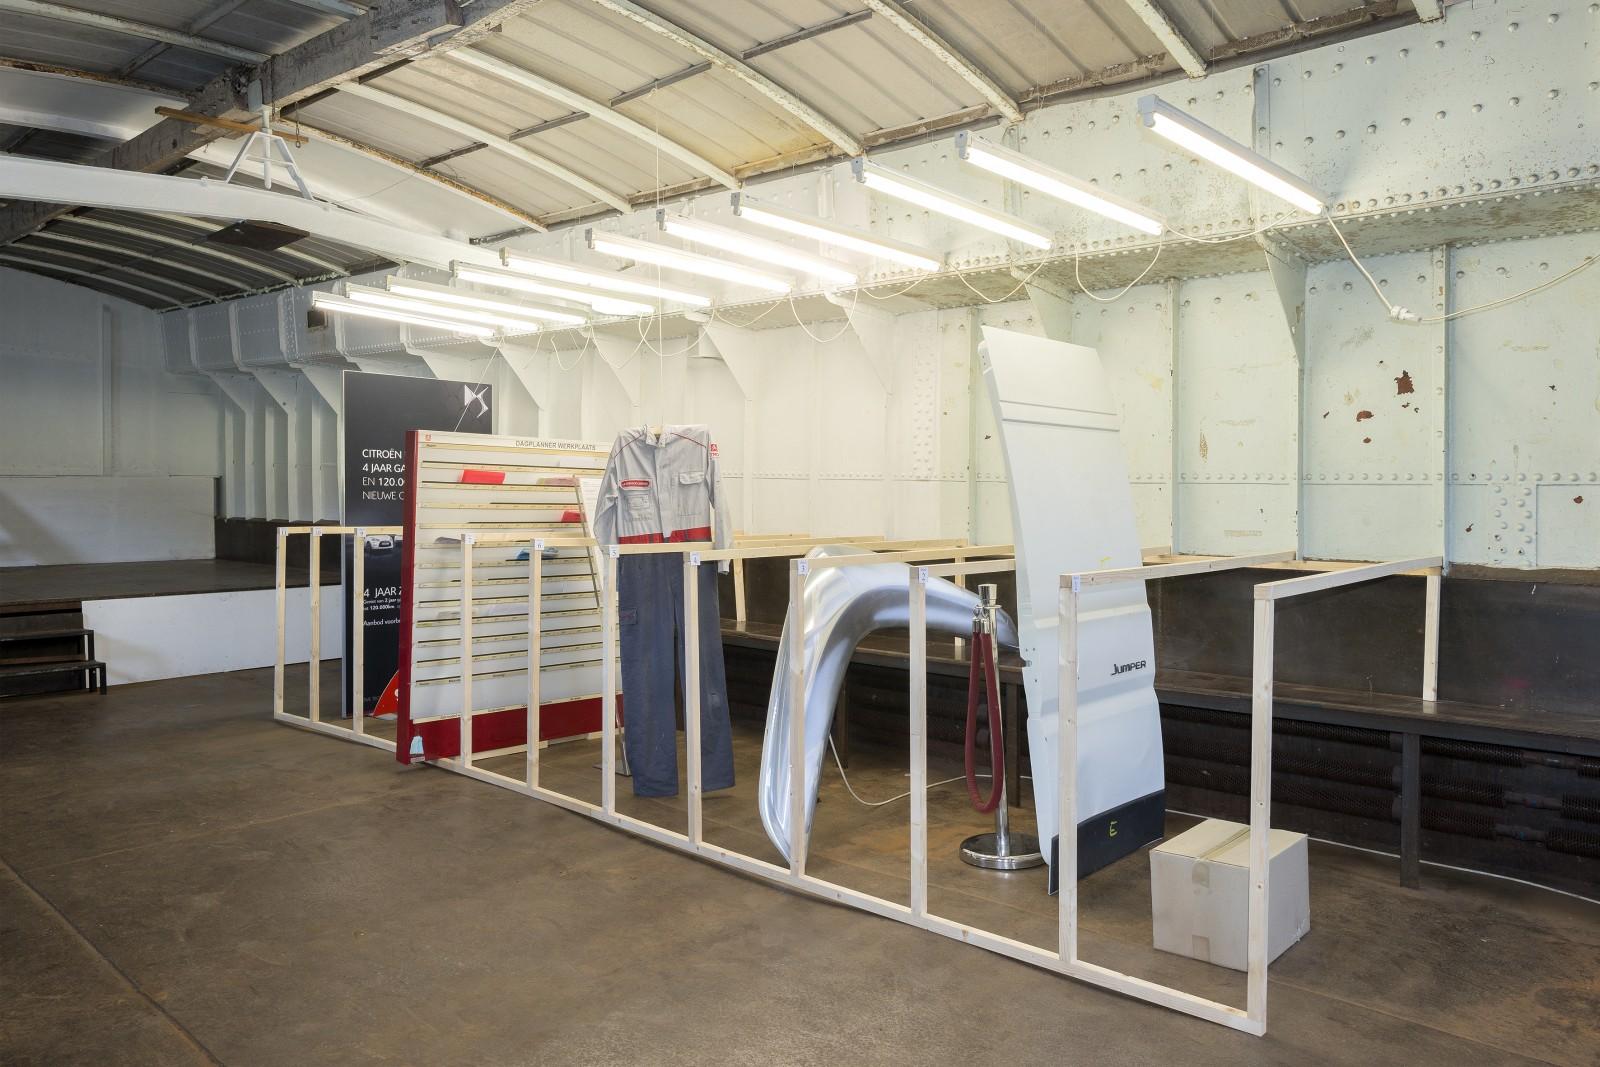 proposition d'archive pour le nouveau musée d'art contemporain, partie 1